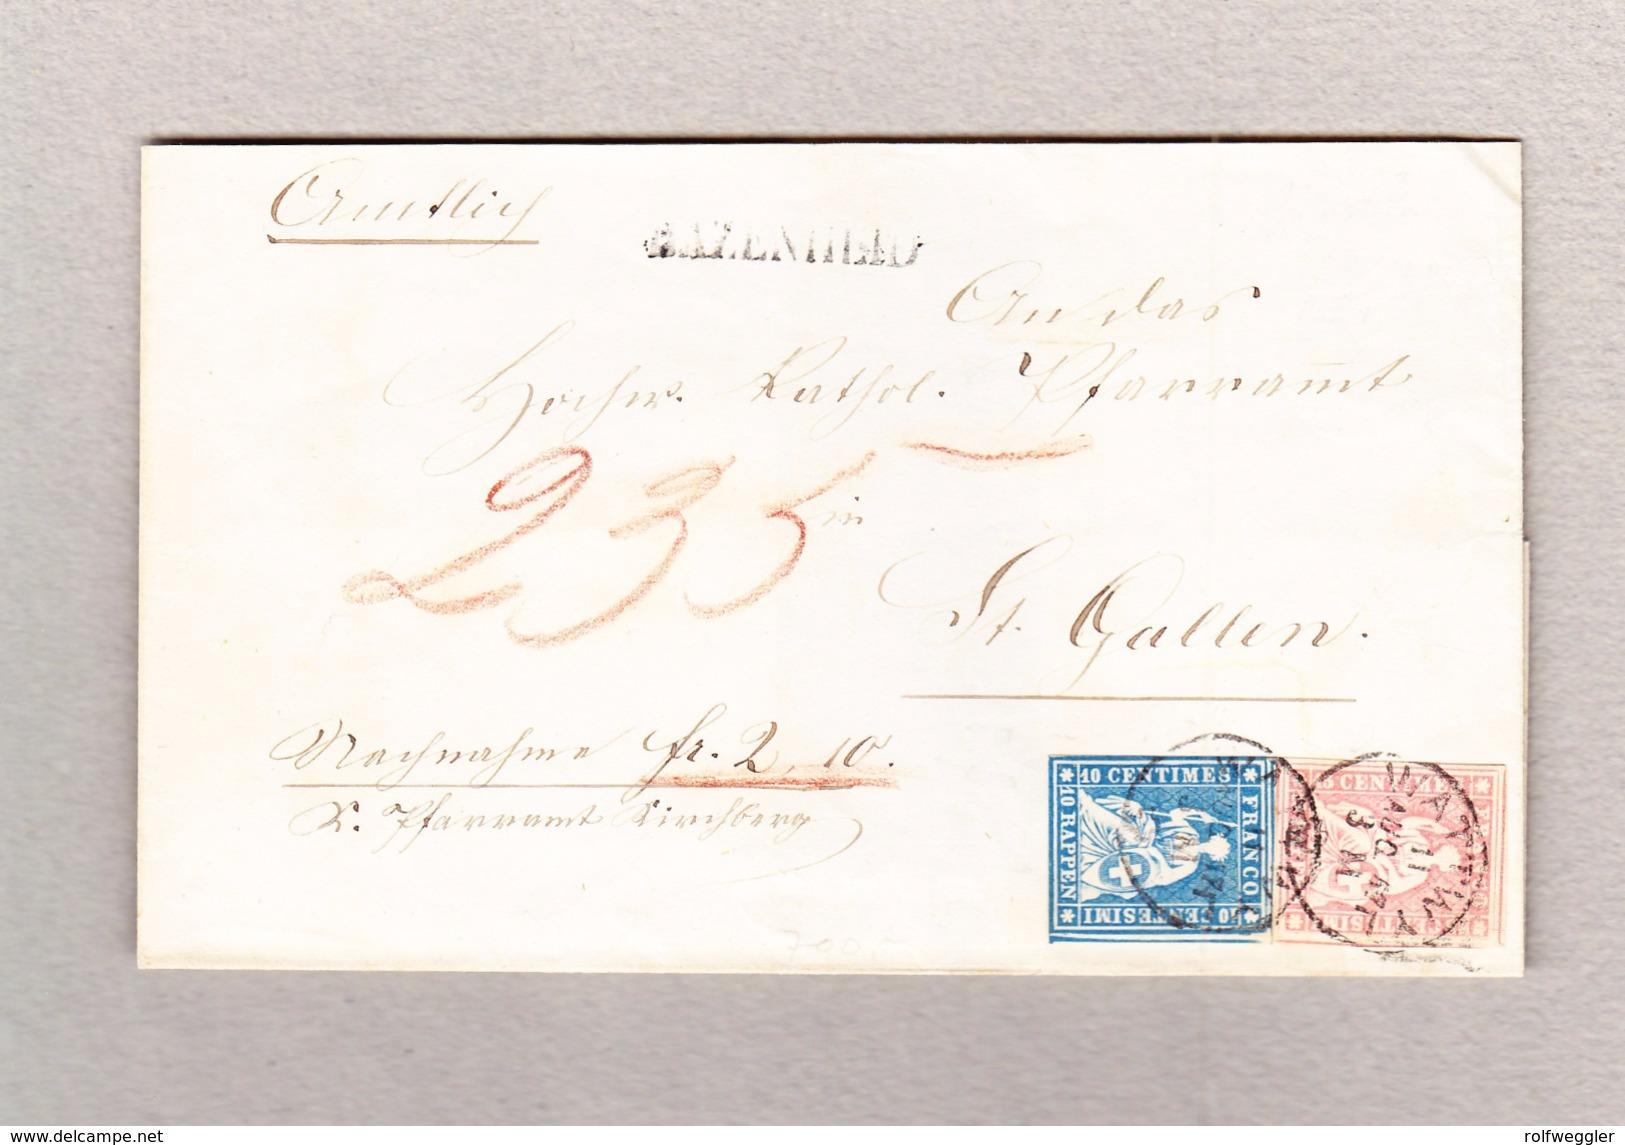 Schweiz 10Rp Zu#23cPf1 Und 15Rp Zu#24D Strubel Bazenheid Balkenstempel Wattwyl 11.8.1957 Brief Nach St Gallen - Lettres & Documents